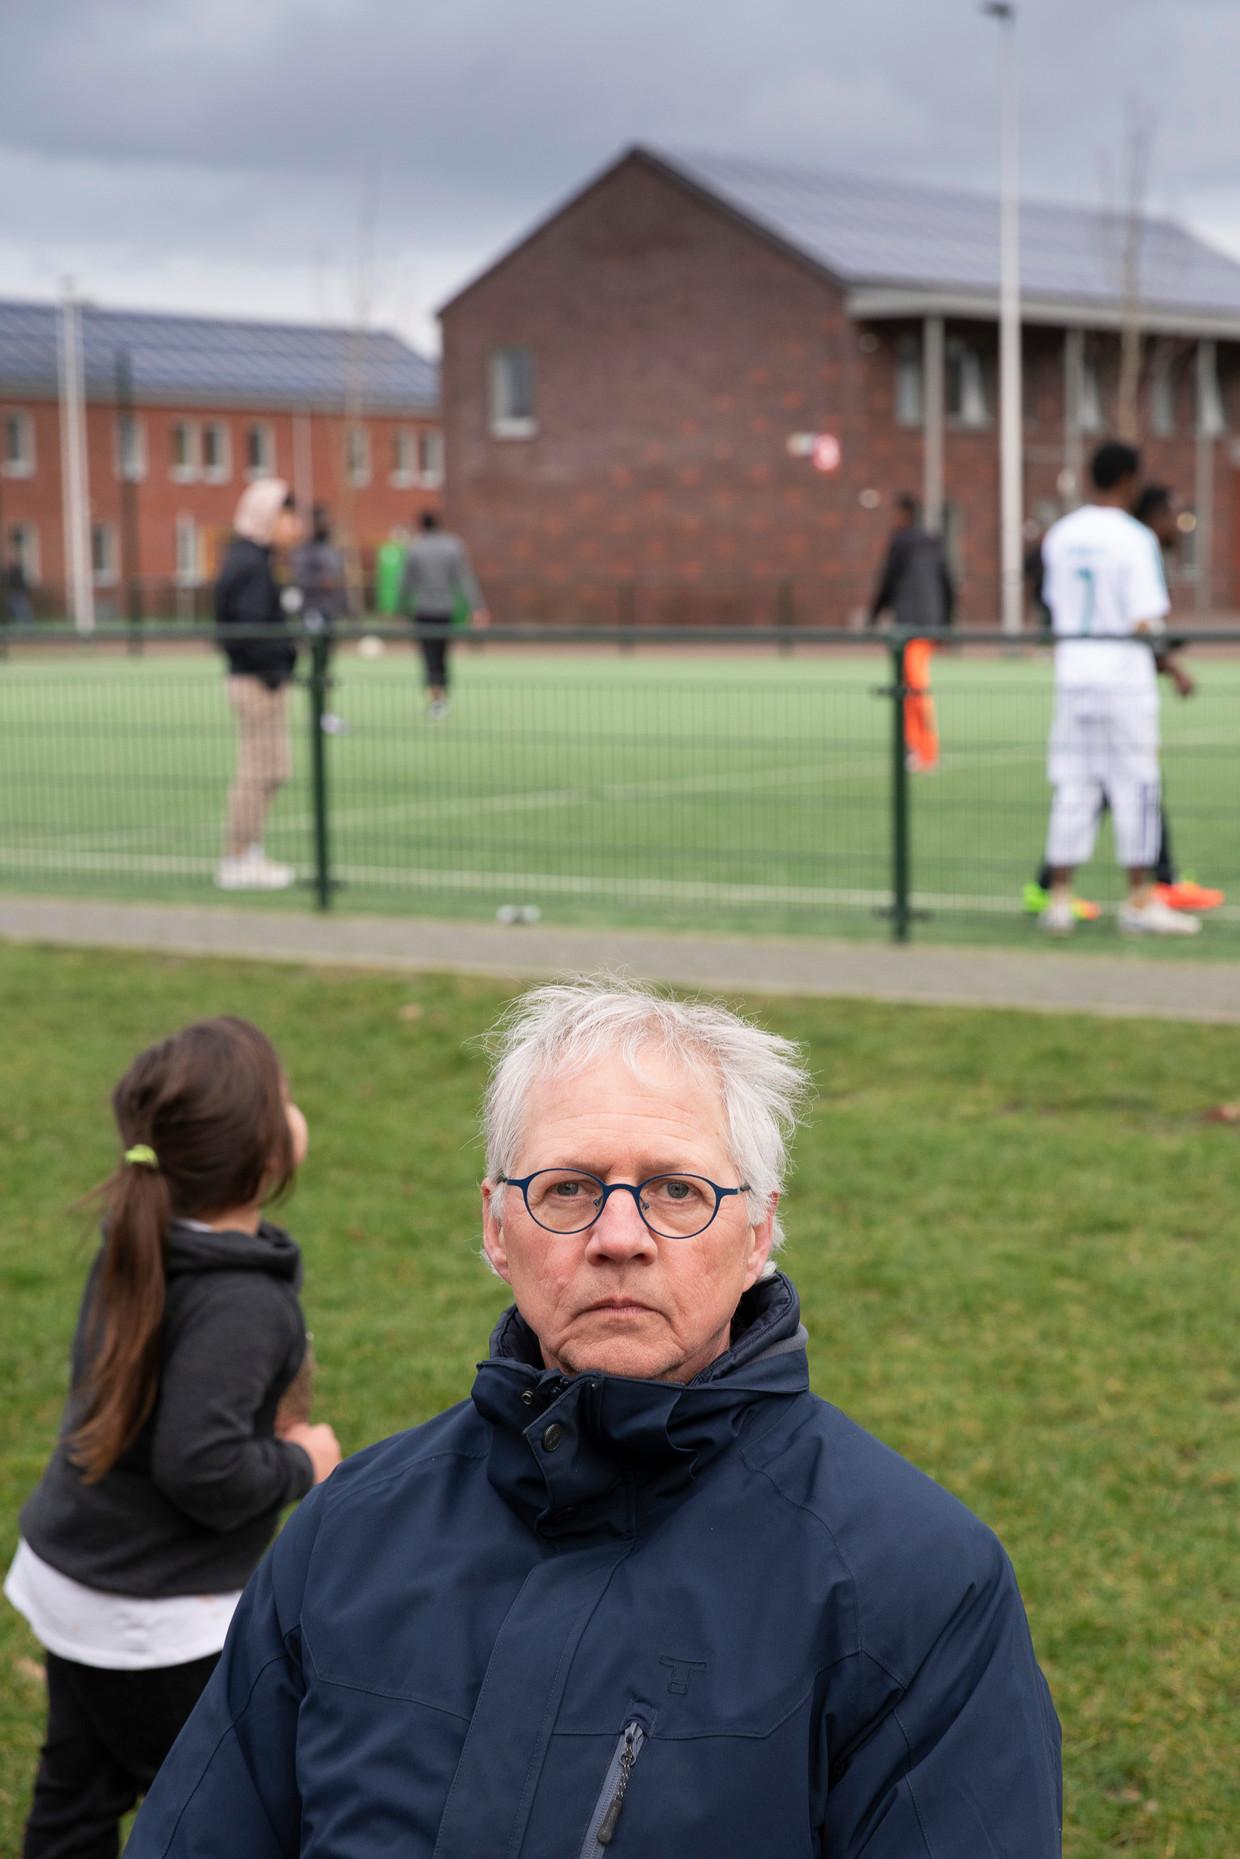 Henk Wolthof in het azc in Ter Apel. 'Wij krijgen de ruimte om de grenzen van de wet op te zoeken.'